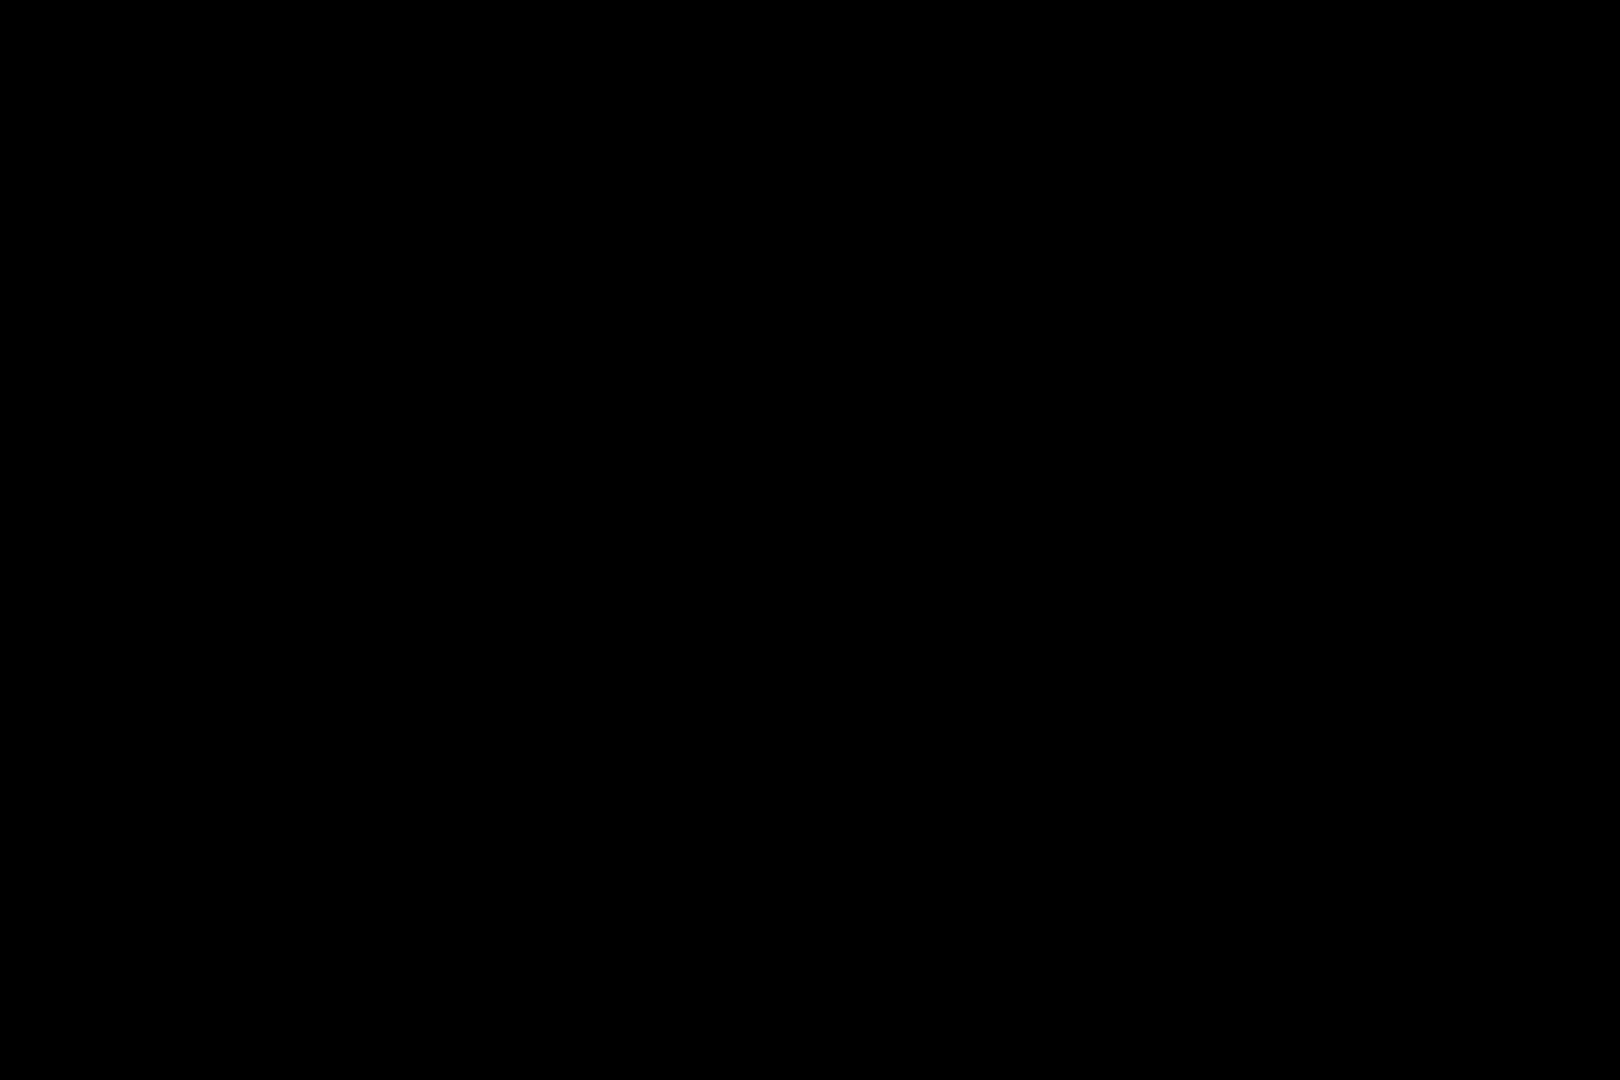 突撃!!看護学校女子洗面所!!Vol.7 OLの実態 盗撮おめこ無修正動画無料 80pic 72